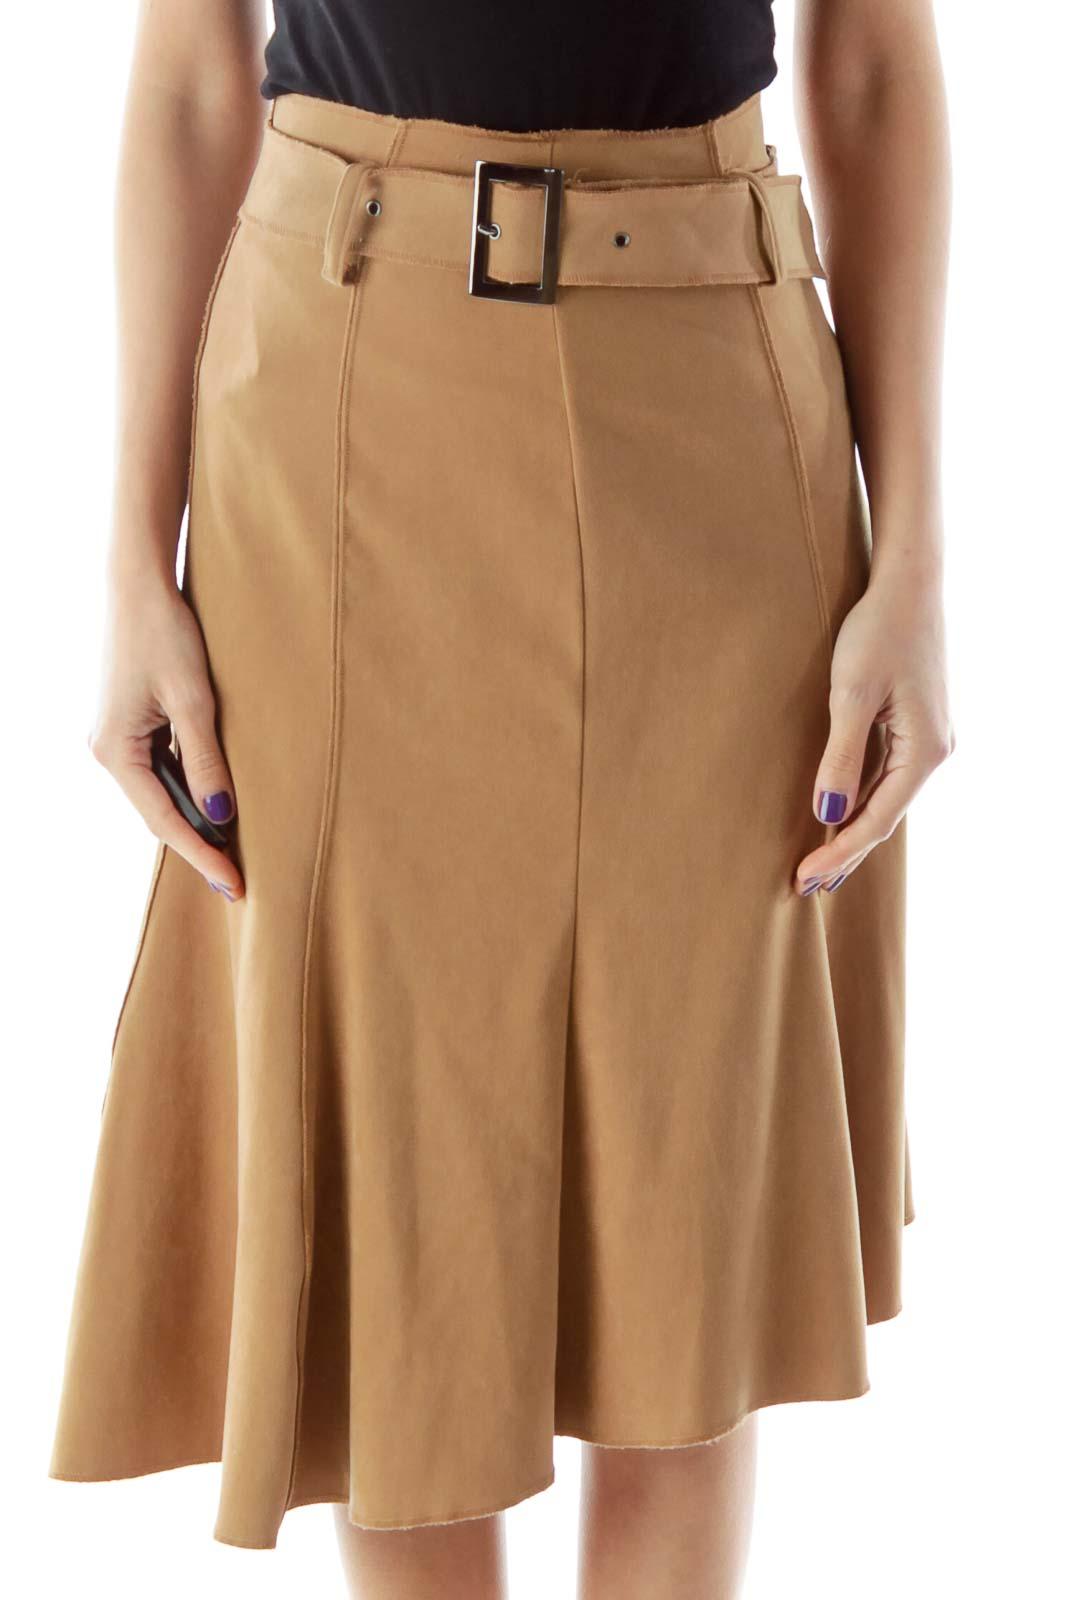 Belted A Line Beige Skirt